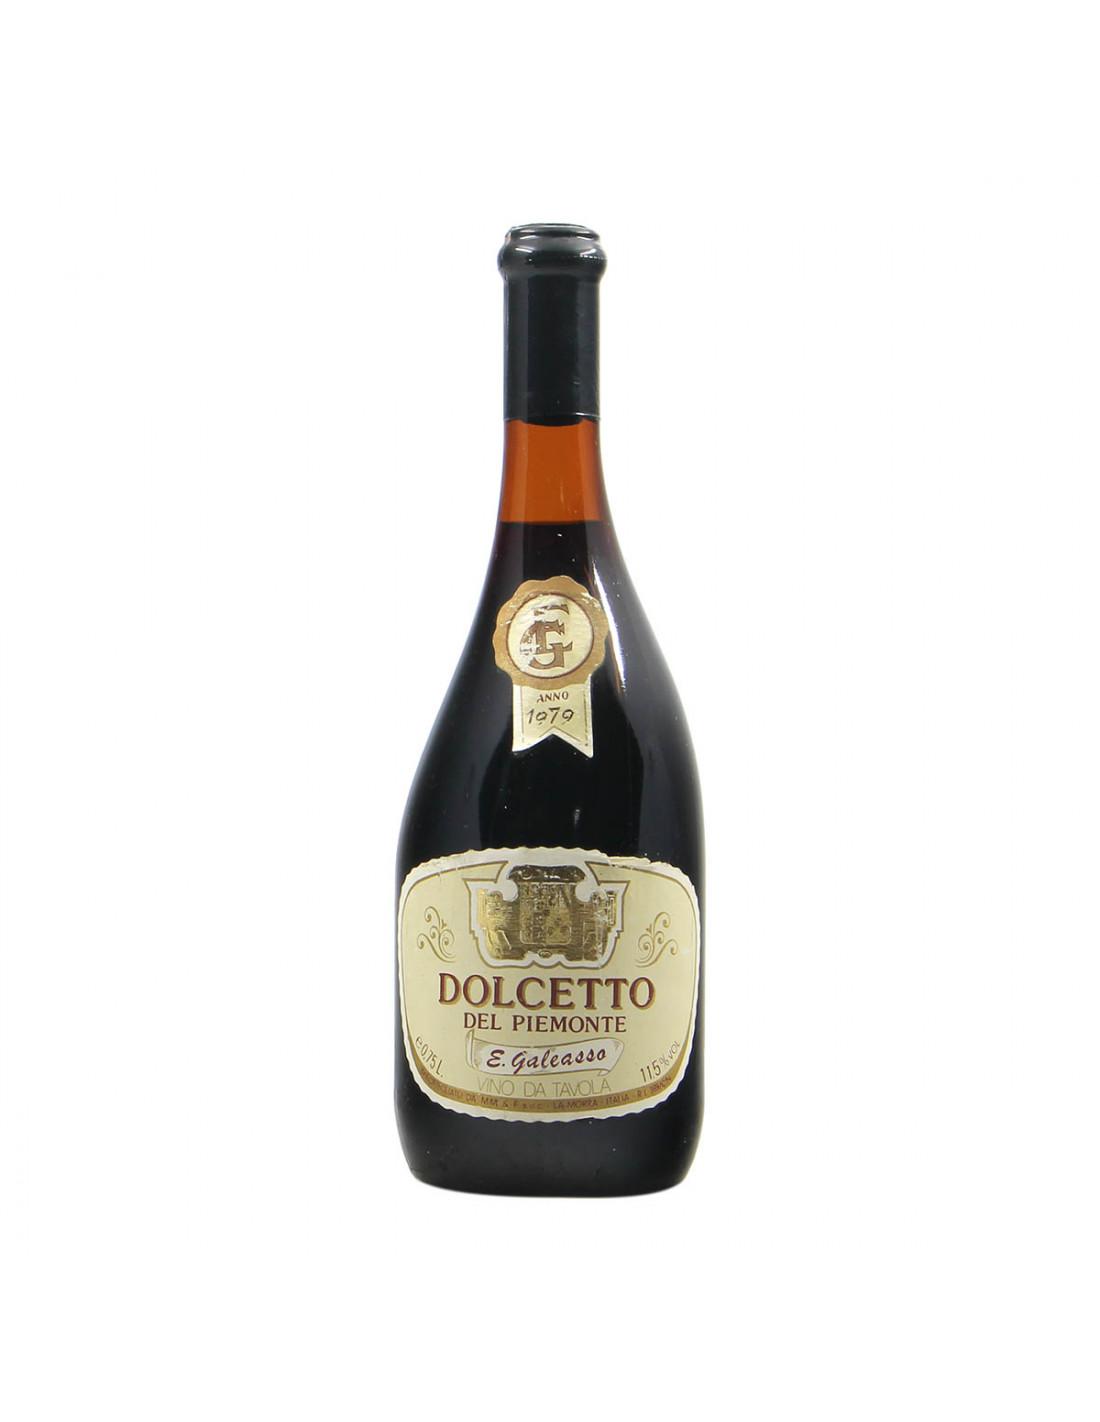 Galeasso Dolcetto del Piemonte 1979 Grandi Bottiglie